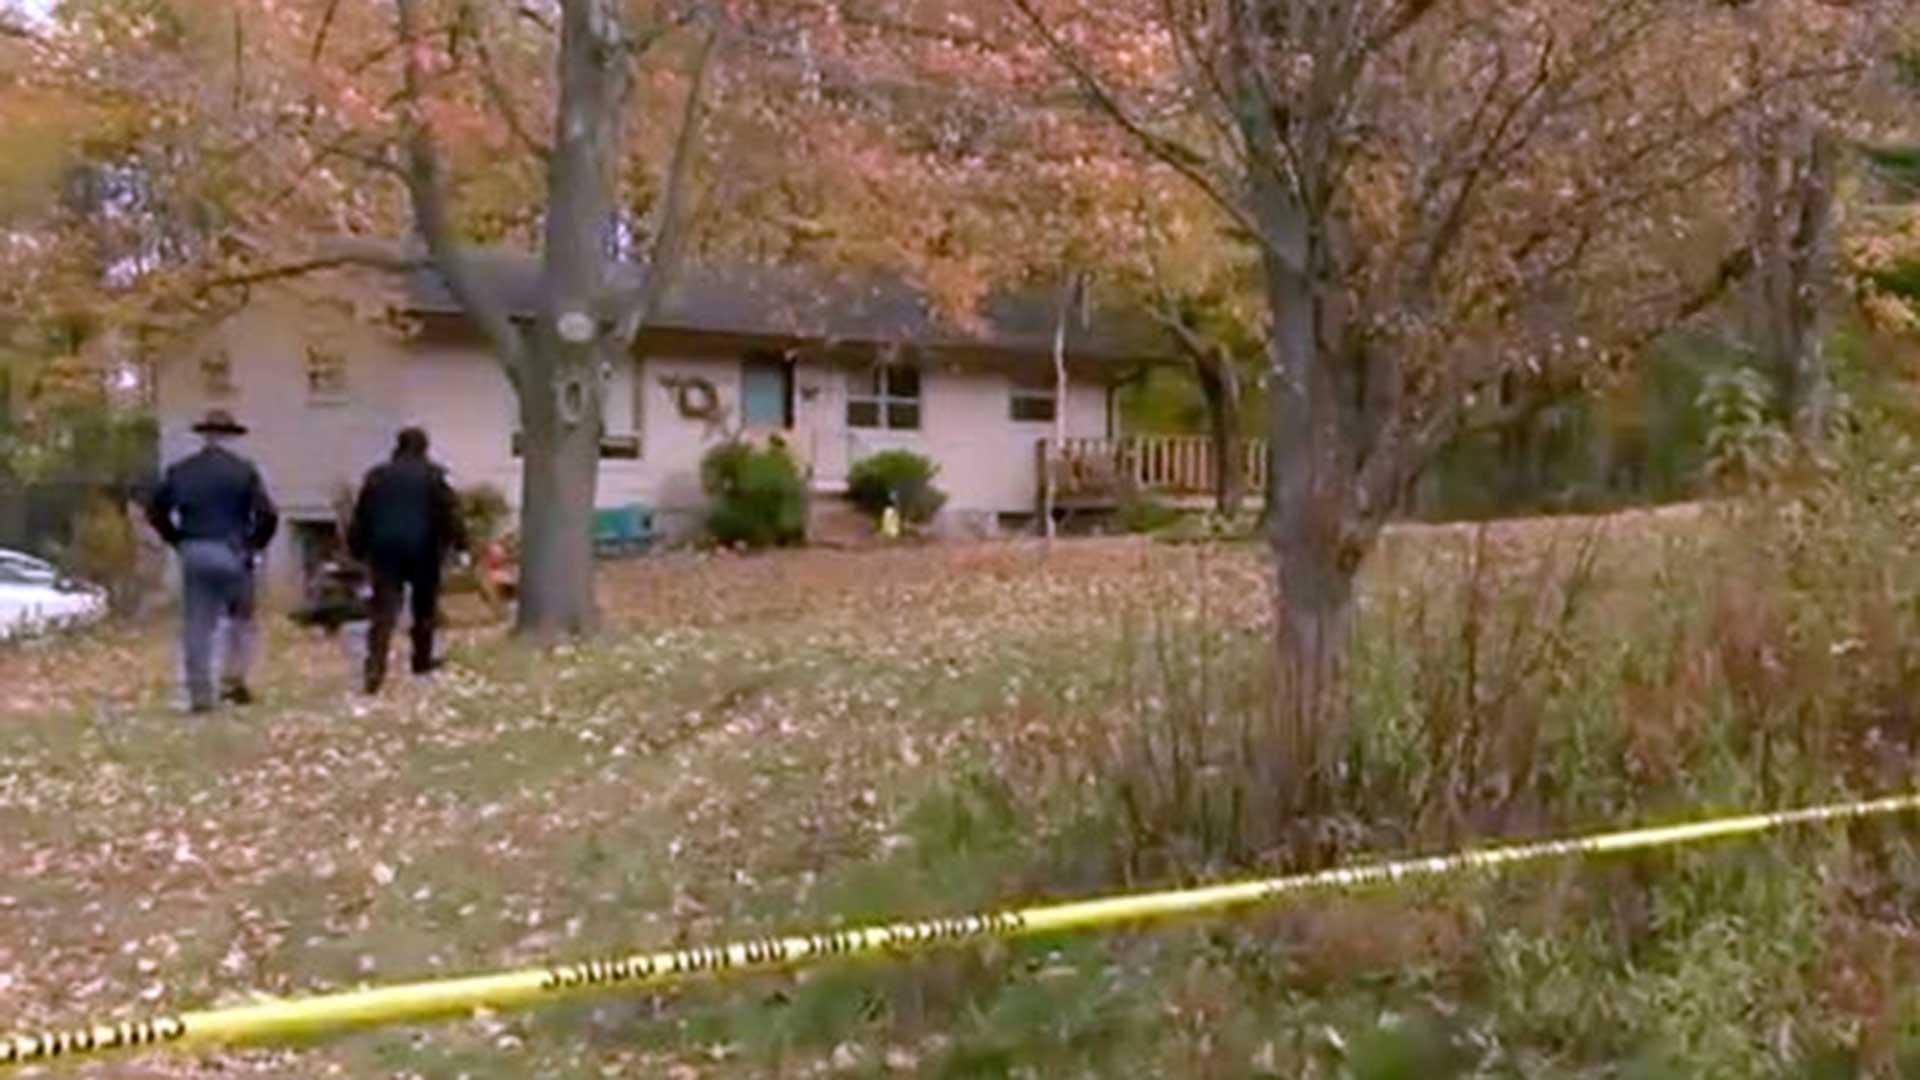 Los padres aparecieron muertos con heridas de bala en su casa